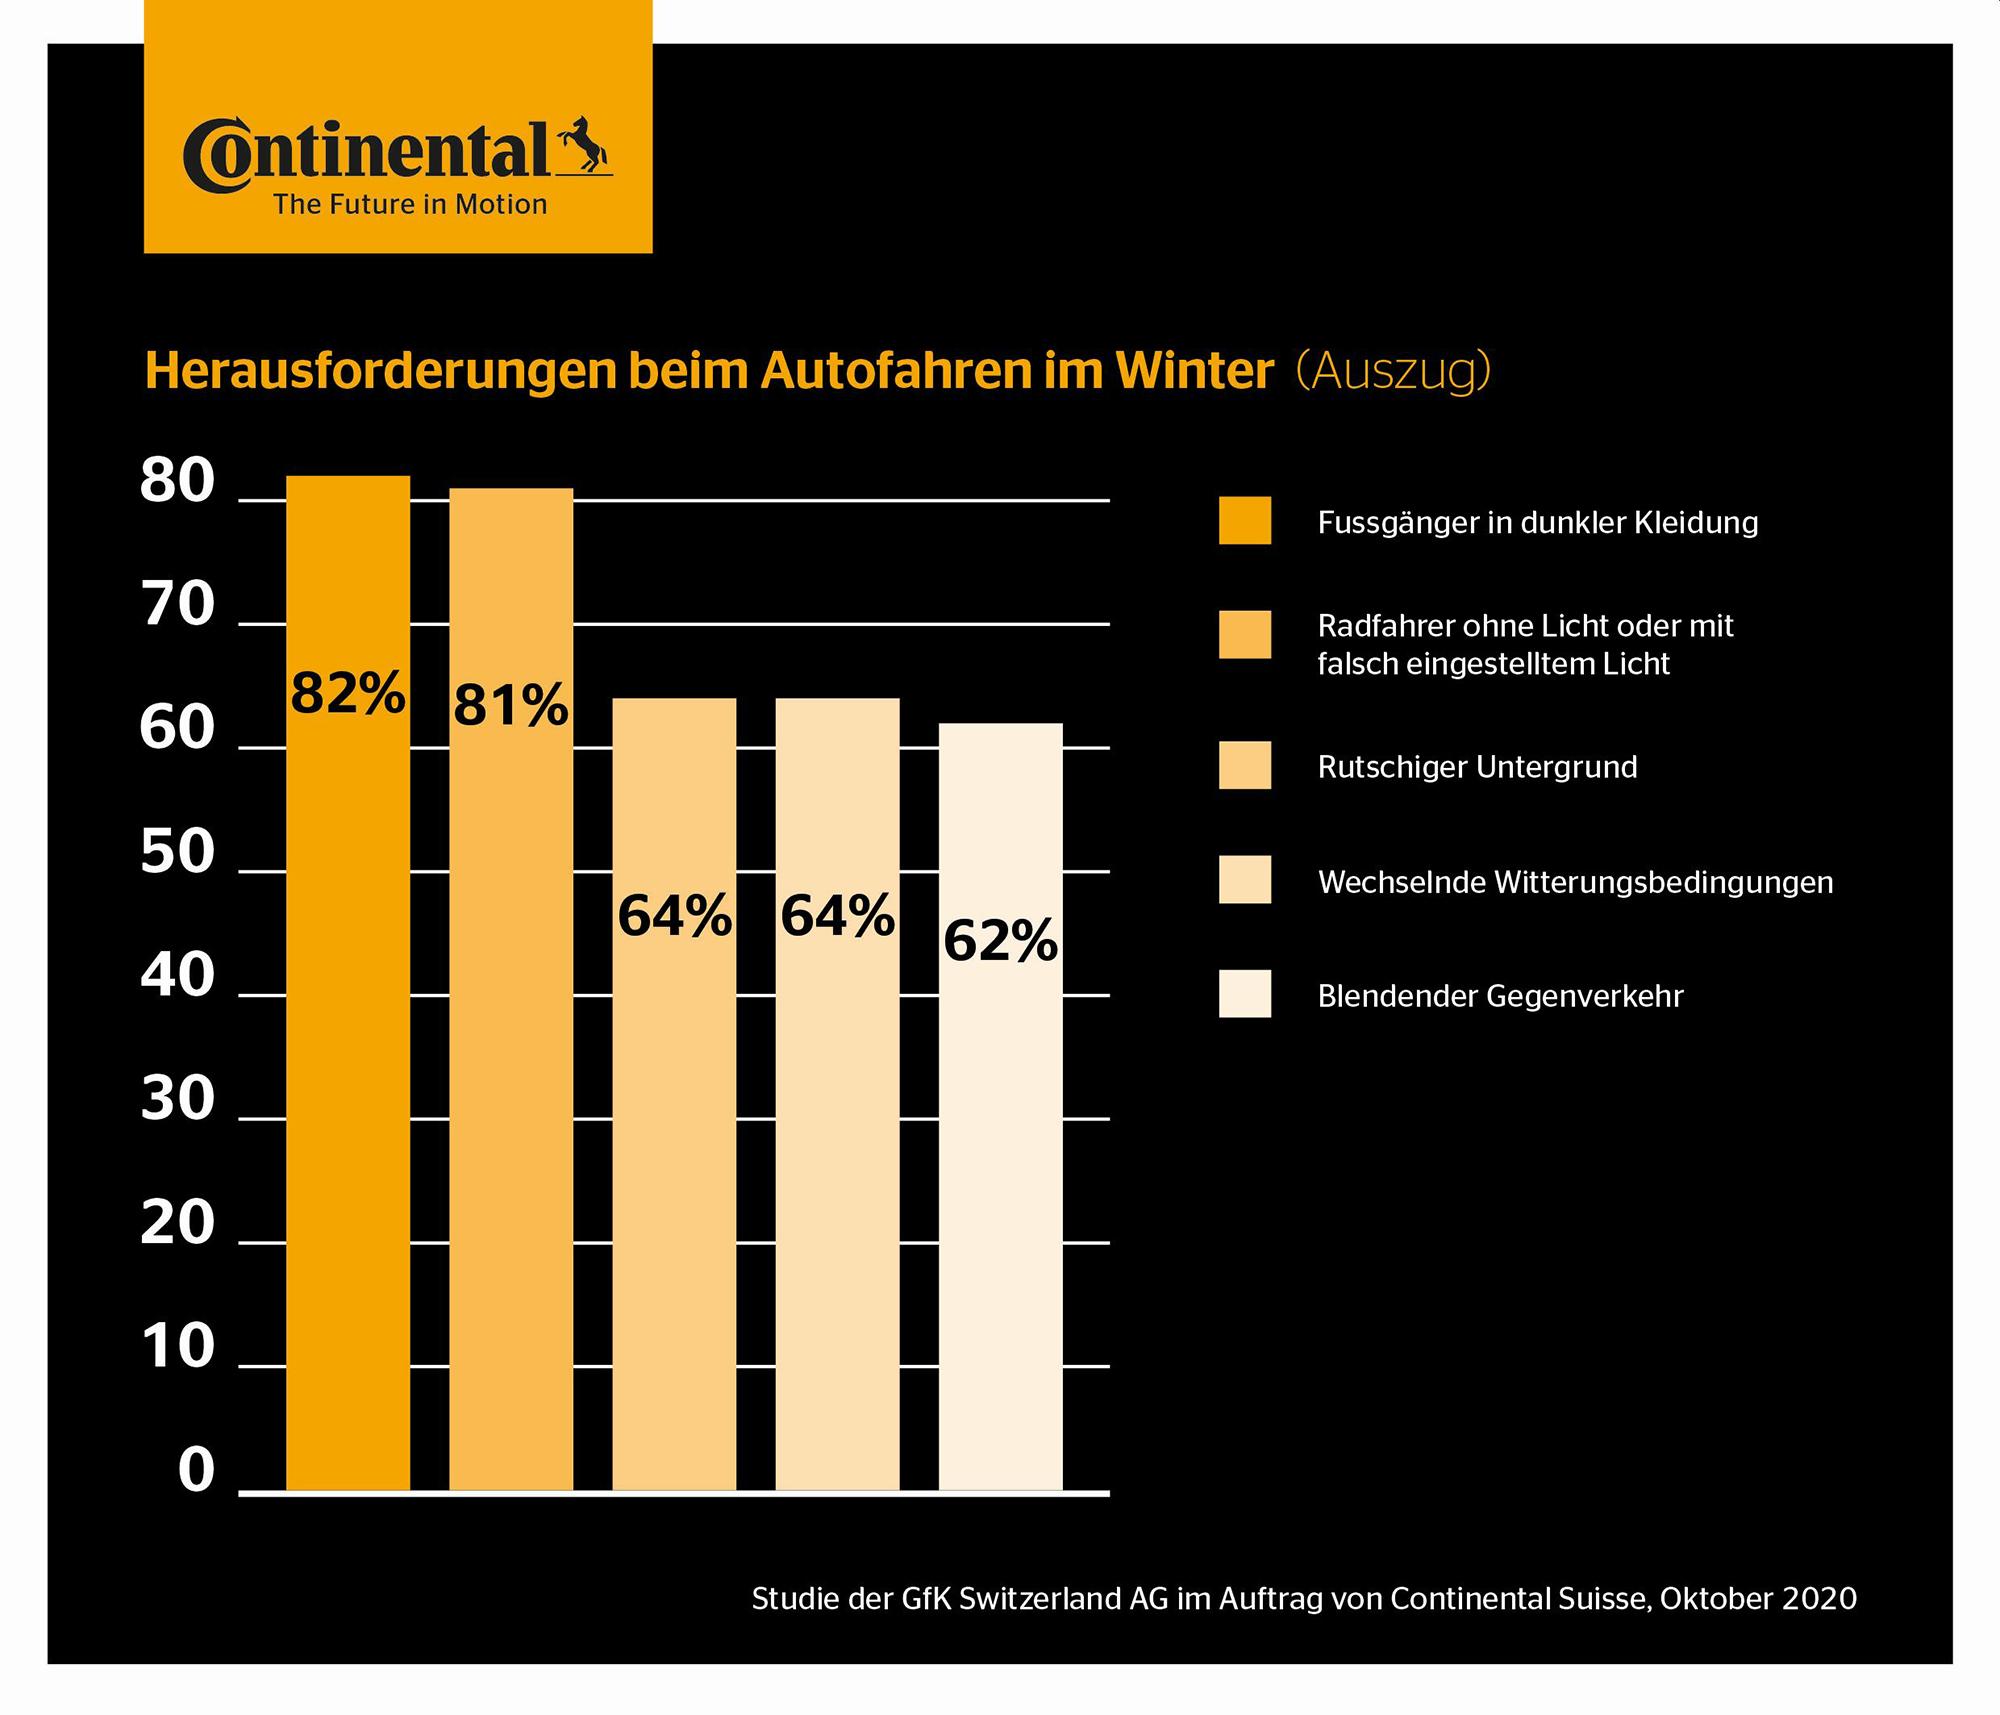 Continental_forsa_Studie_Herausforderungen_Winter_1_72dpi